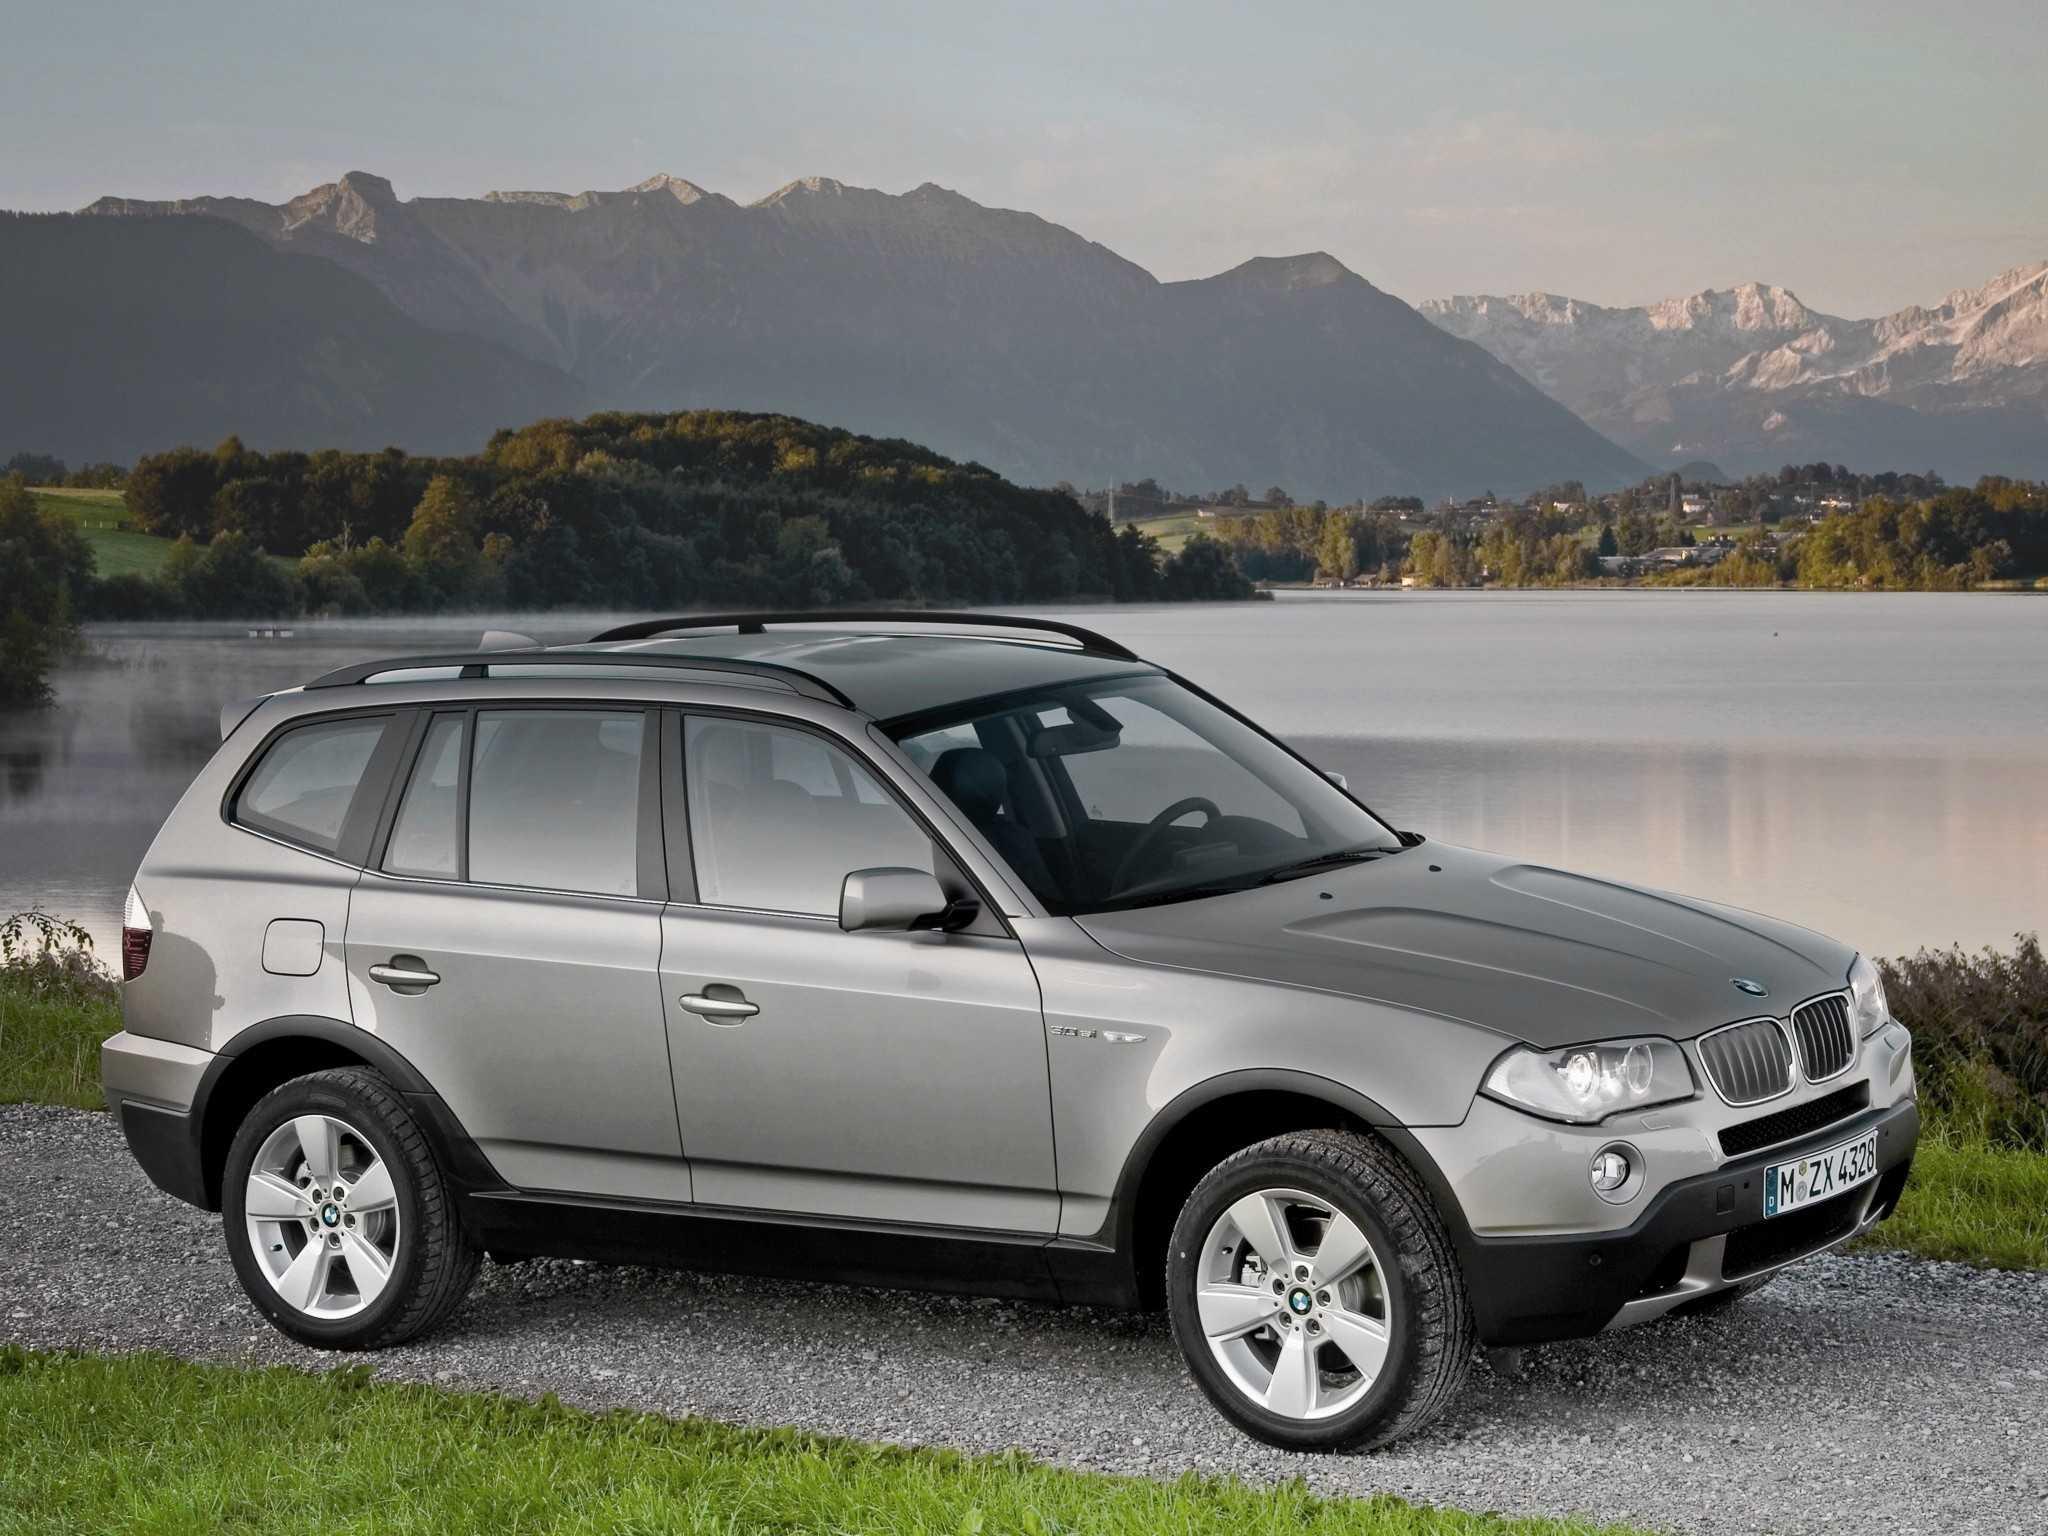 Надежный неформат: опыт владения BMW X3 E83 - КОЛЕСА.ру – автомобильный журнал